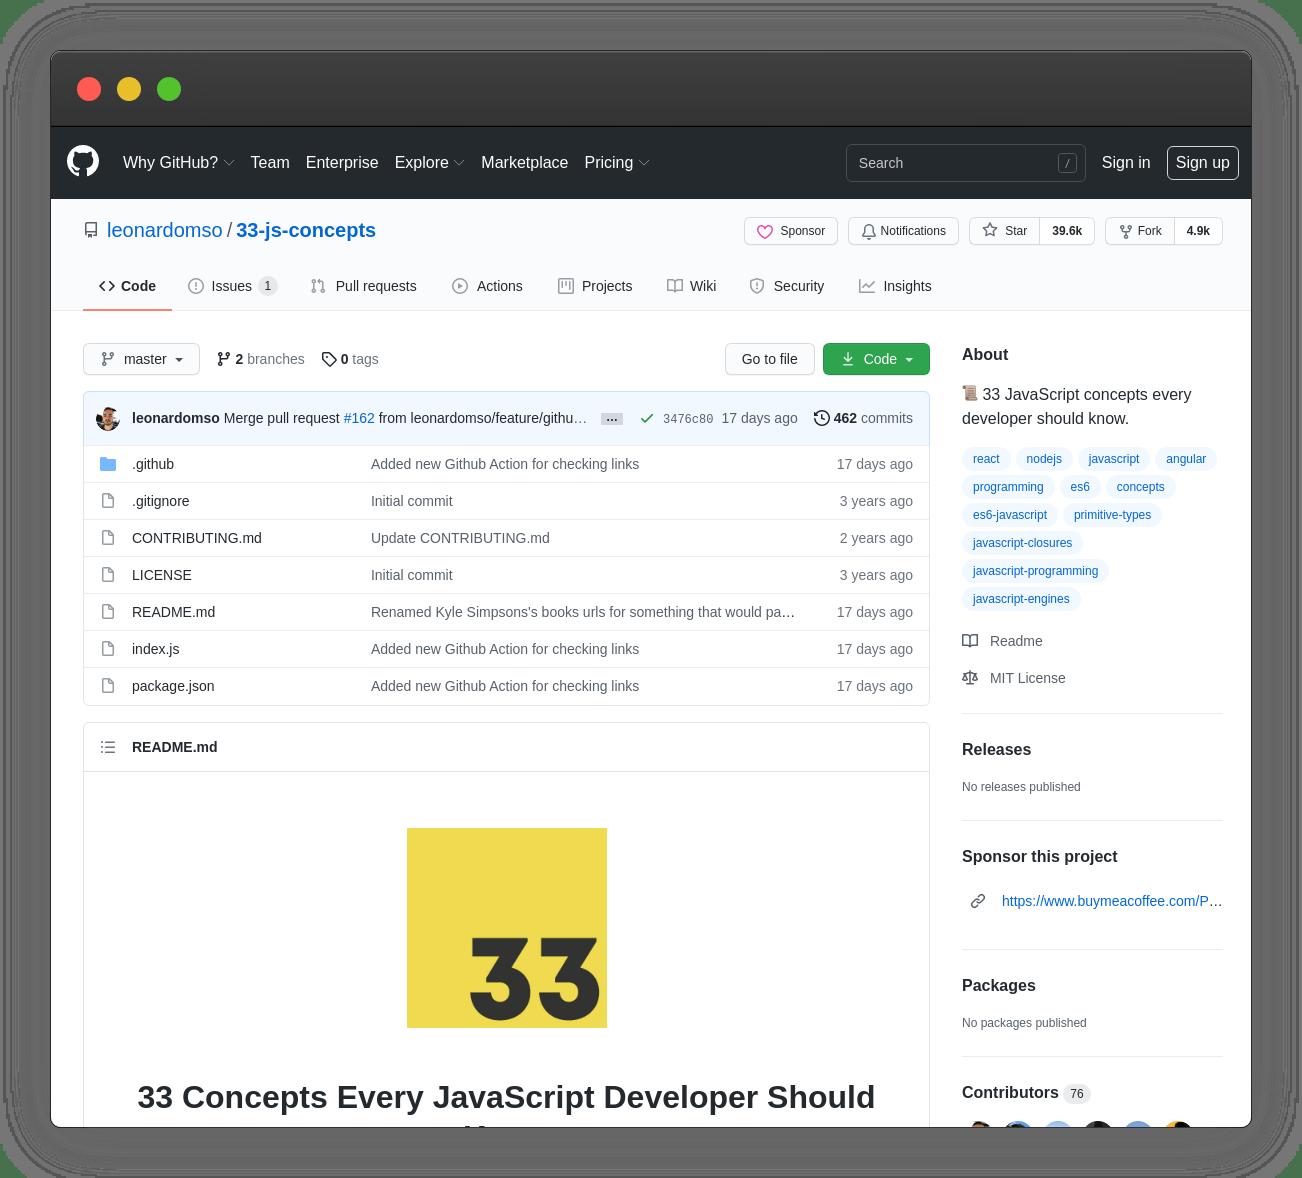 frame_generic_dark (5).png